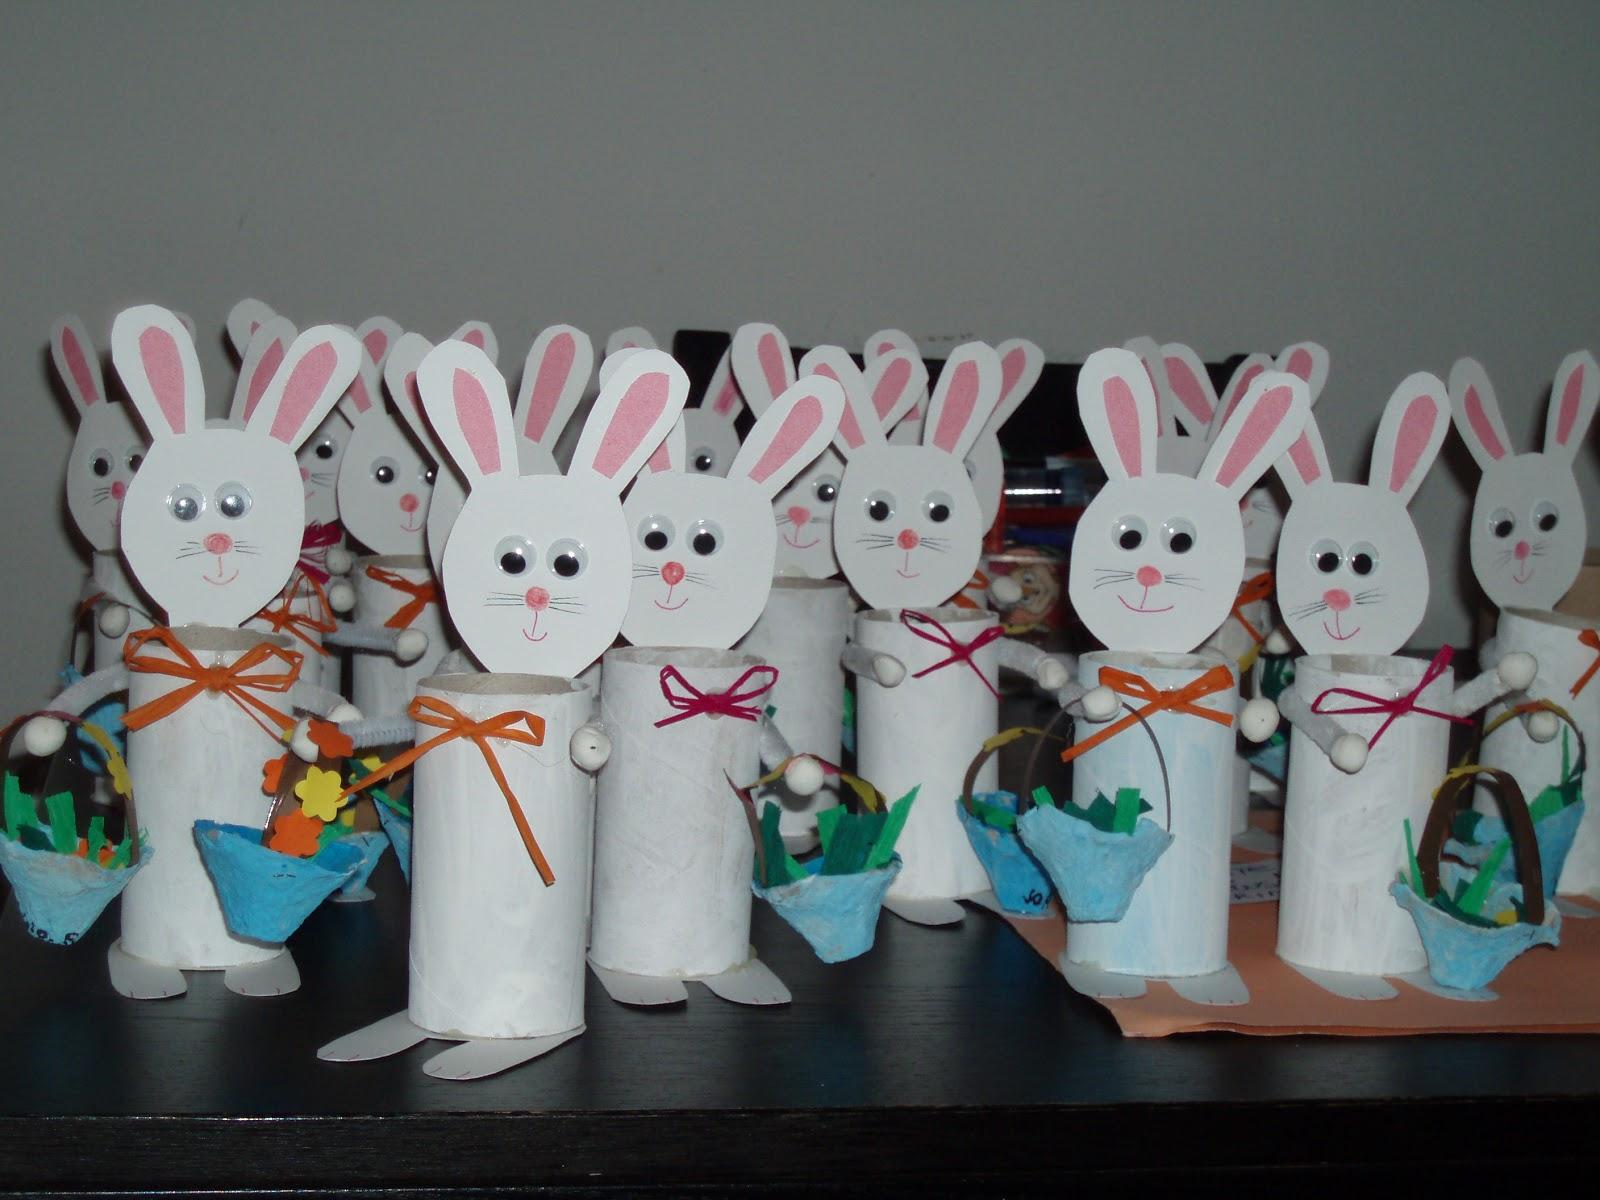 Fata piumetta coniglietti porta uova di cioccolato